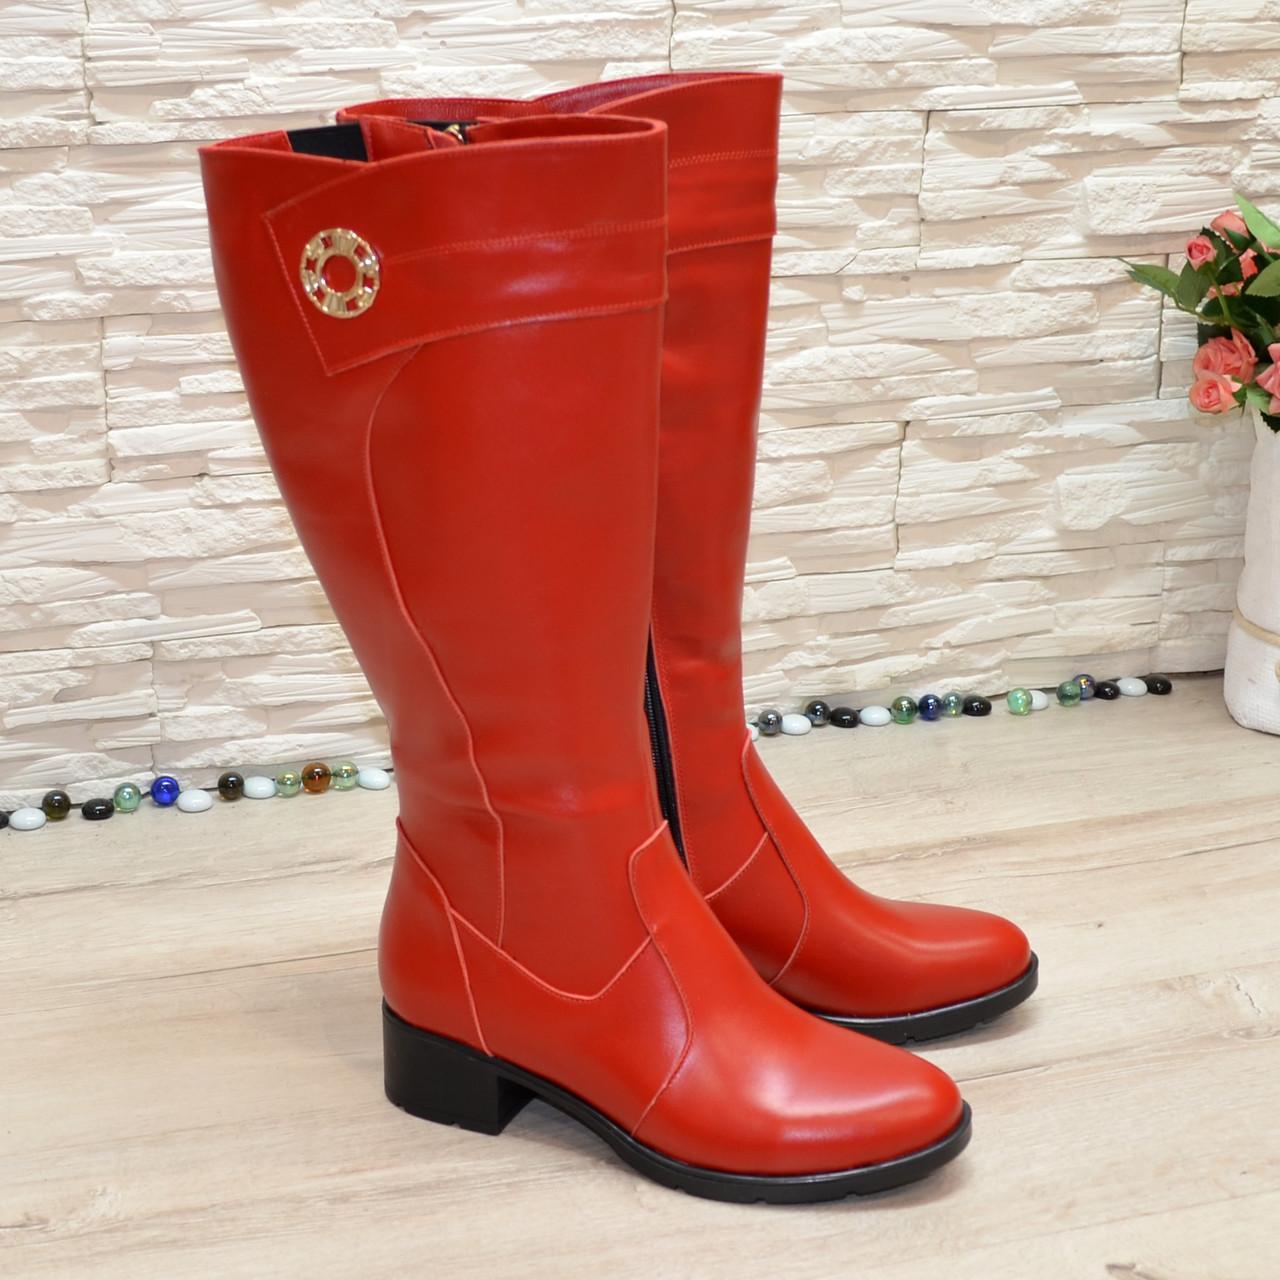 Сапоги красные кожаные на невысоком каблуке, декорированы фурнитурой